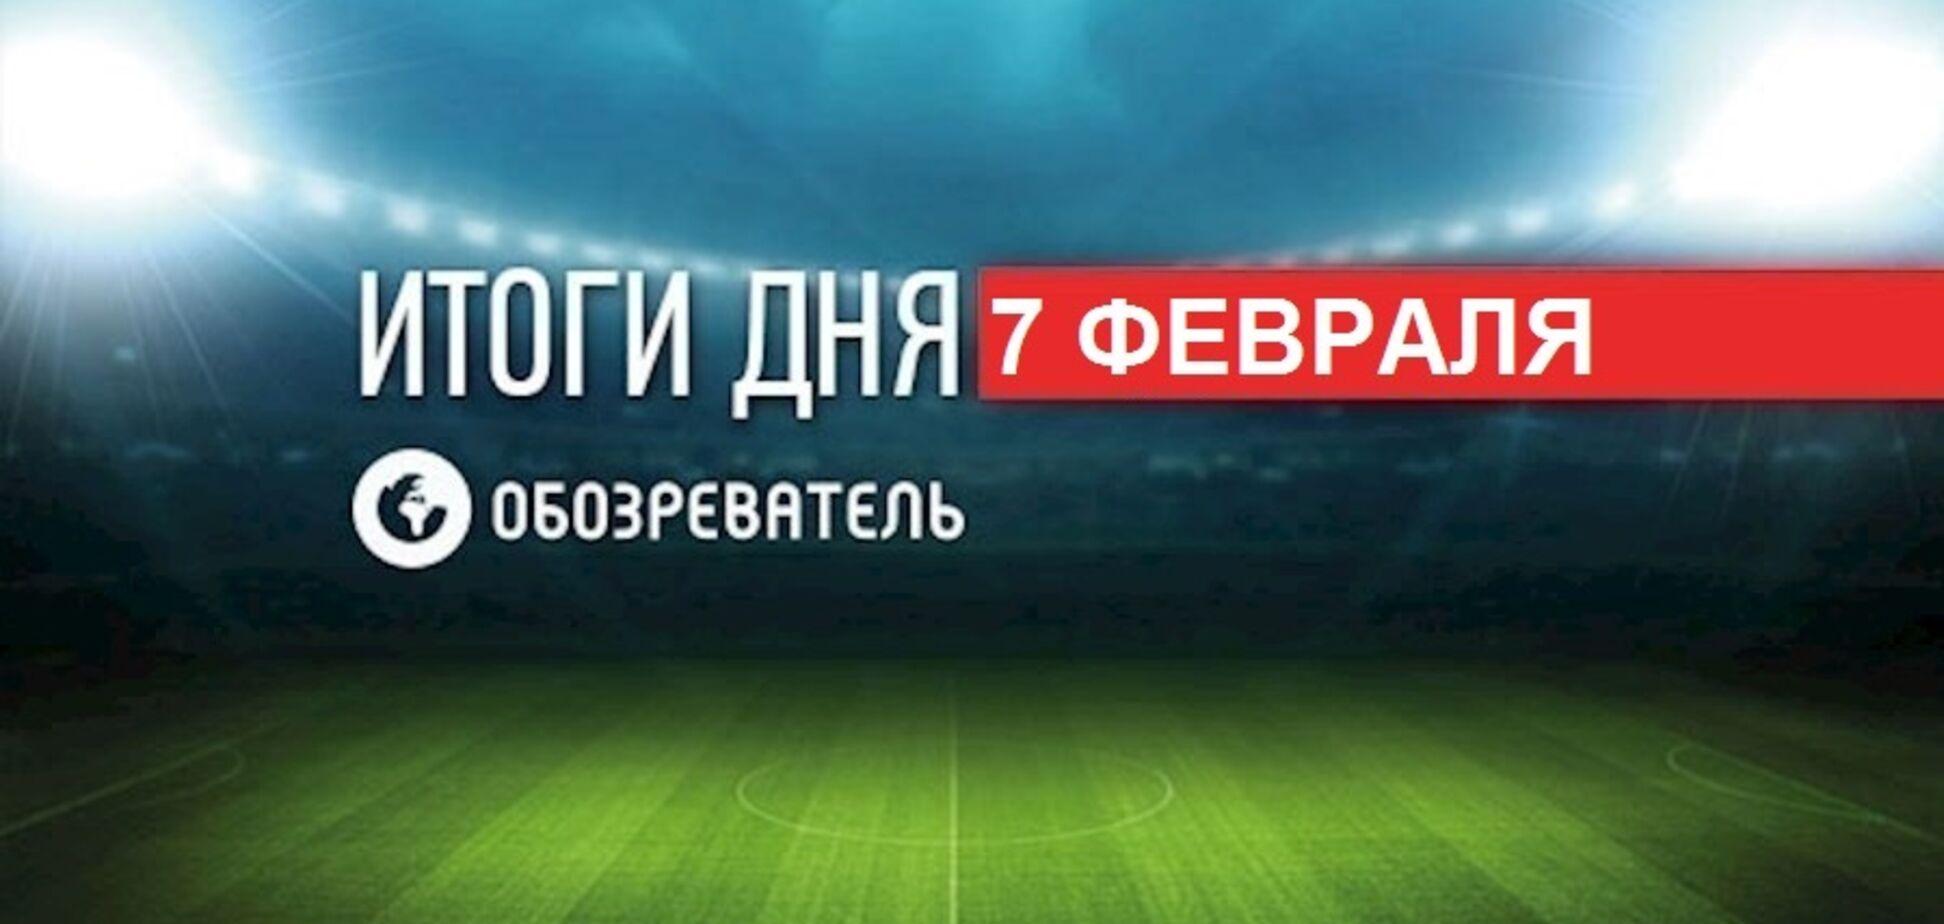 Ломаченко 'кинул' британца: спортивные итоги 7 февраля